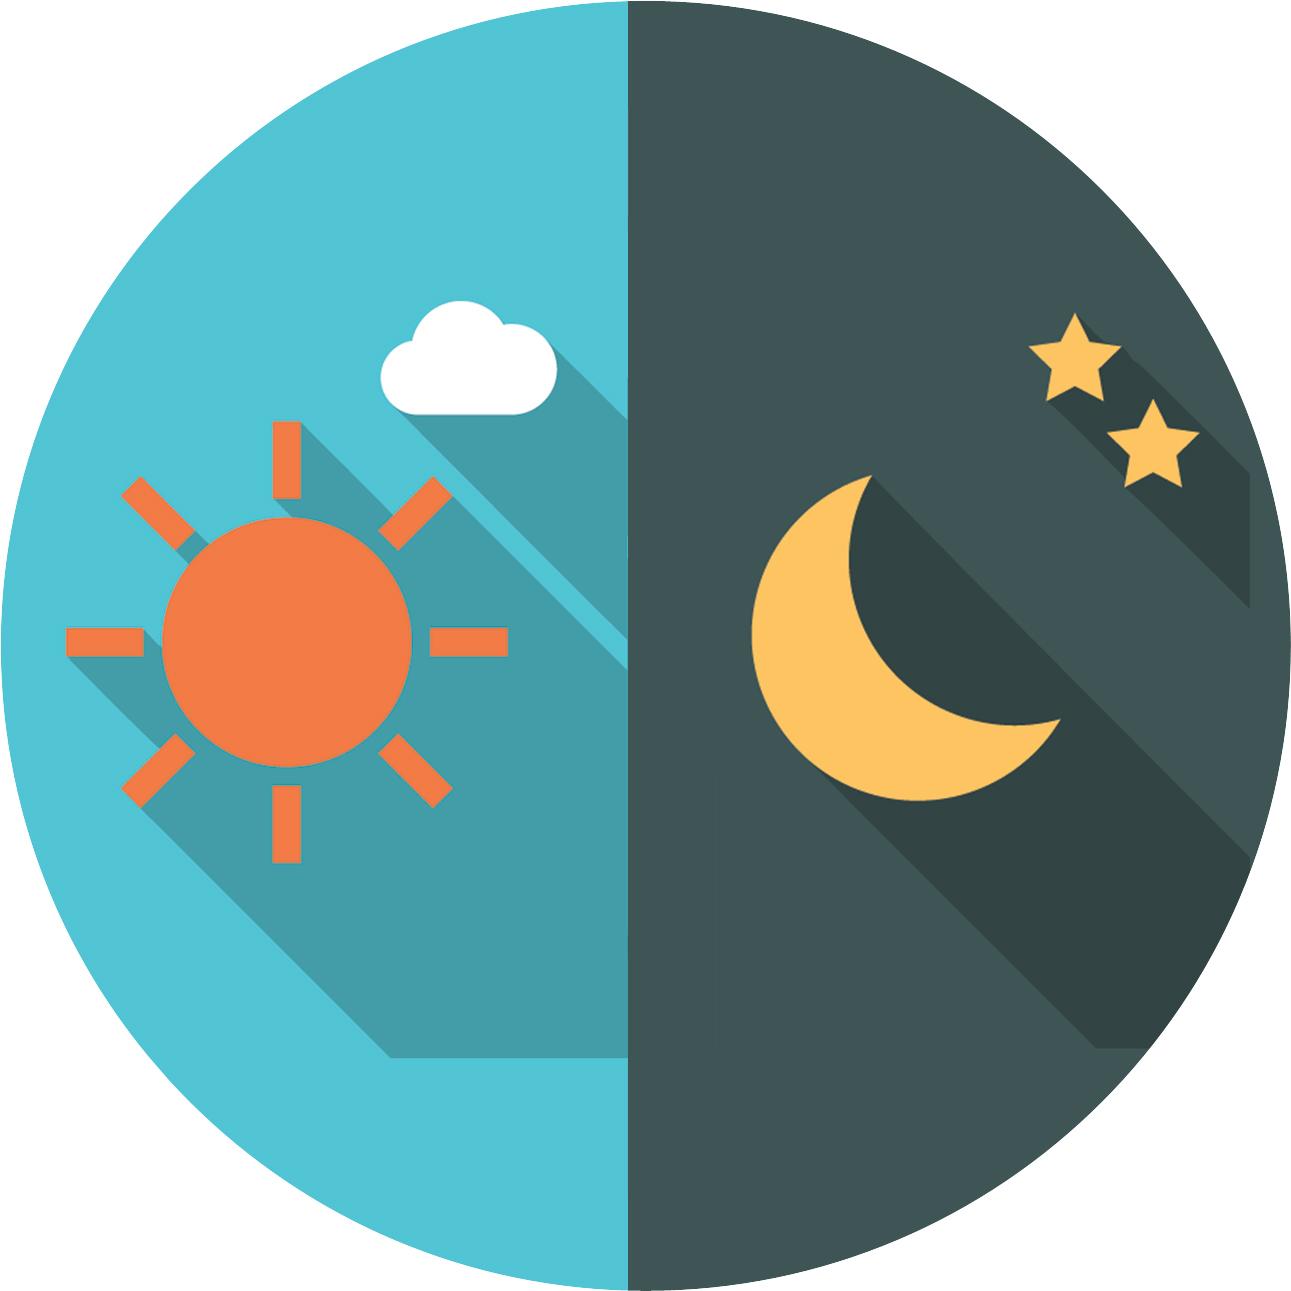 Heures creuses et heures pleines pour l'électricité : division de la journée en deux parties : le régime tarifaire jour et le régime tarifaire nuit